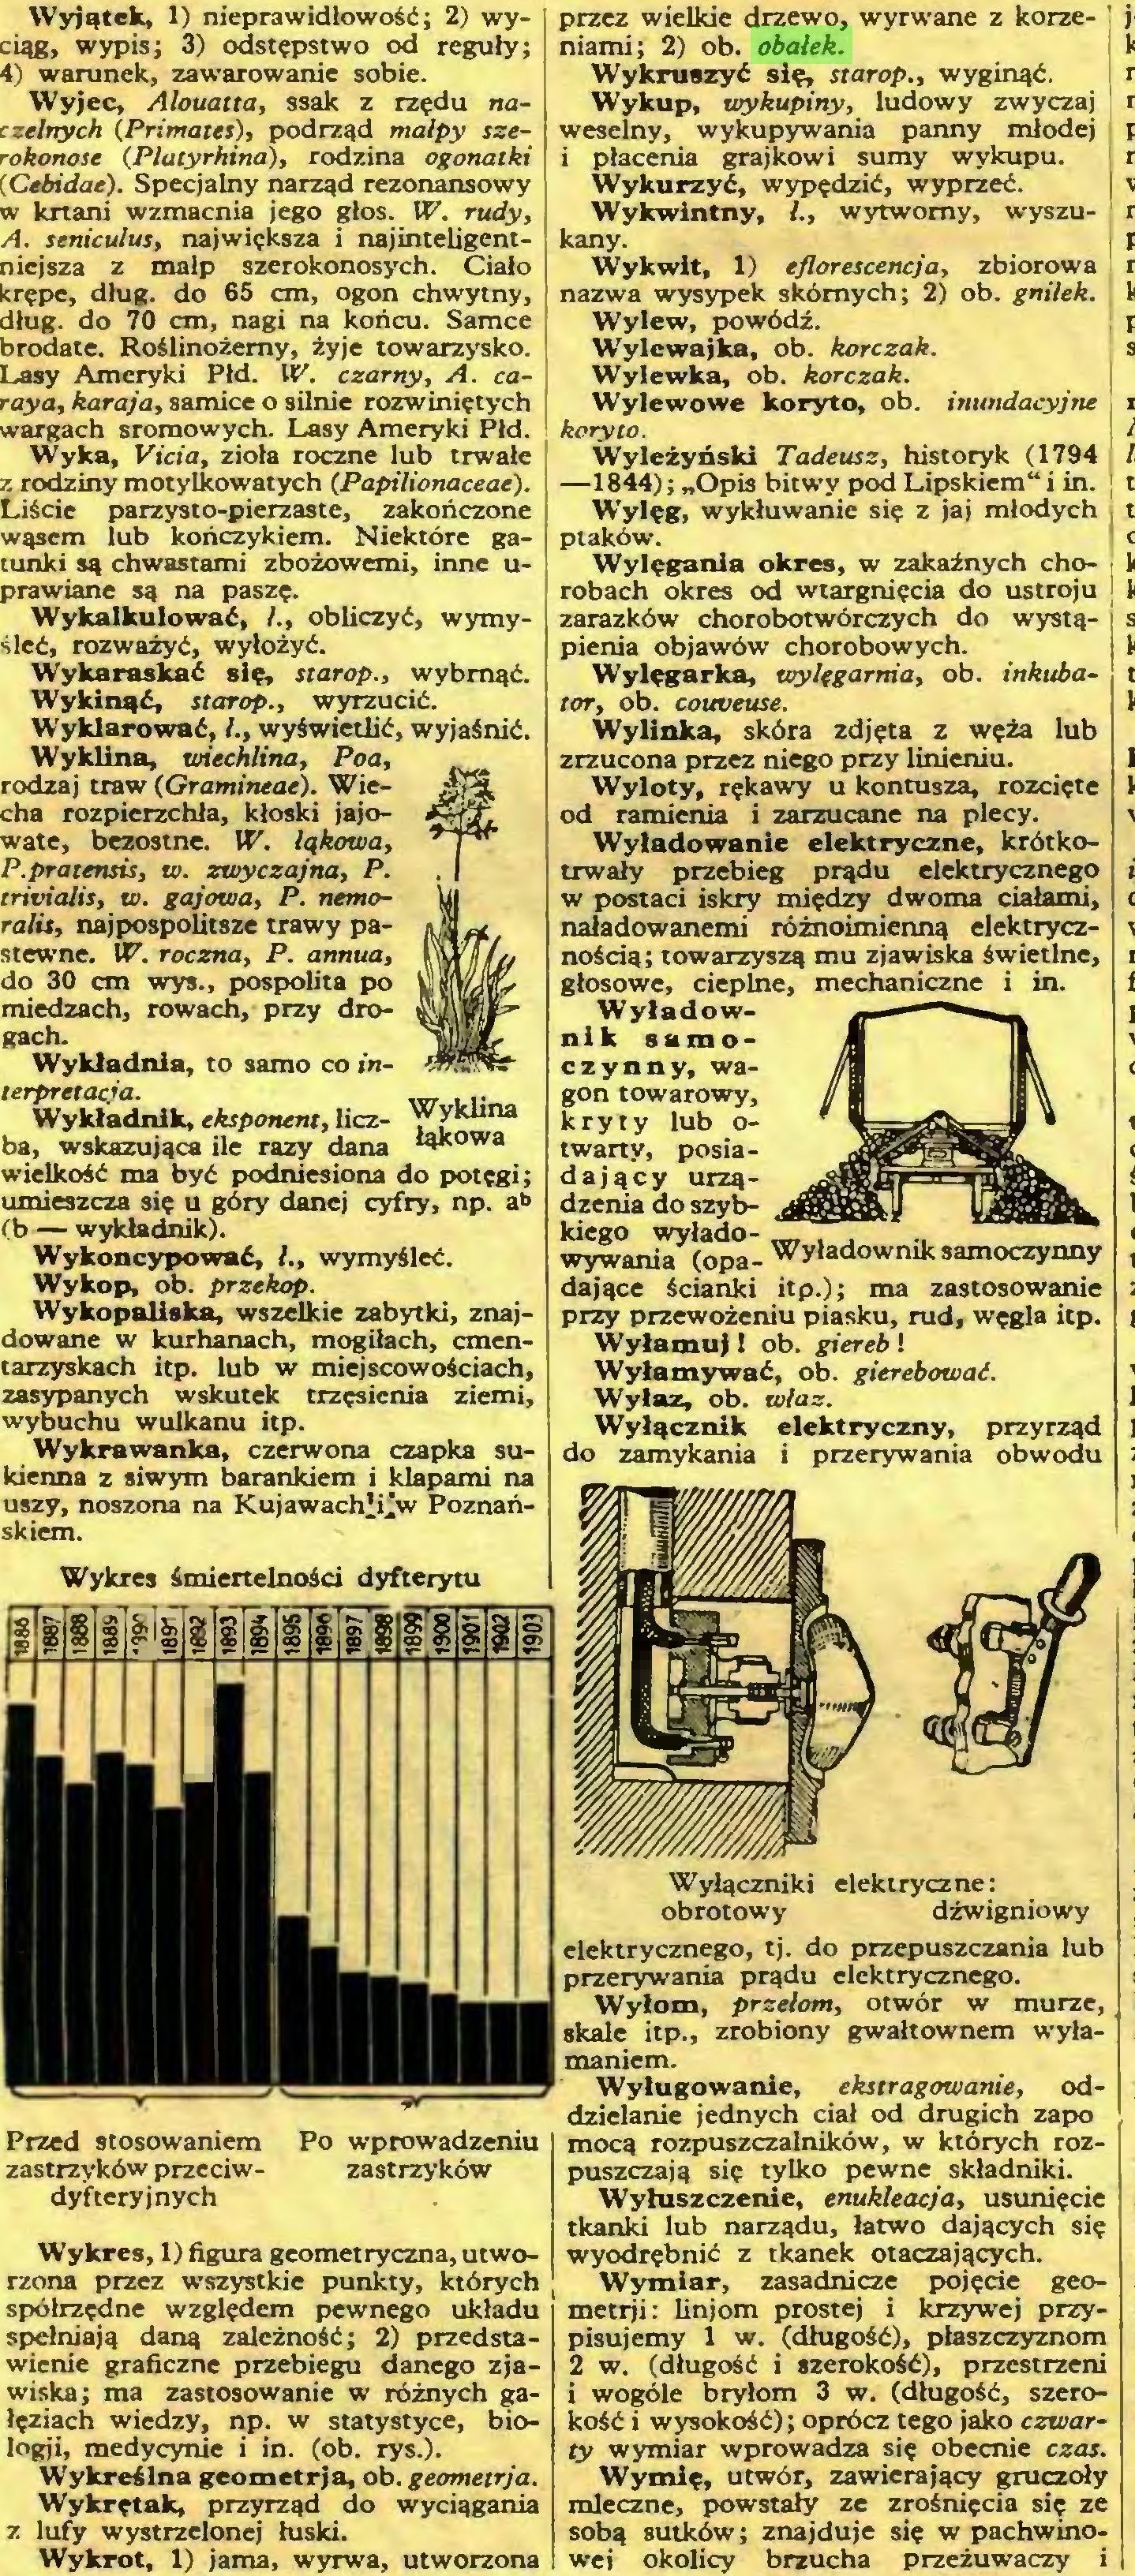 (...) Wykrot, 1) jama, wyrwa, utworzona przez wielkie drzewo, wyrwane z korzeniami; 2) ob. obałek...